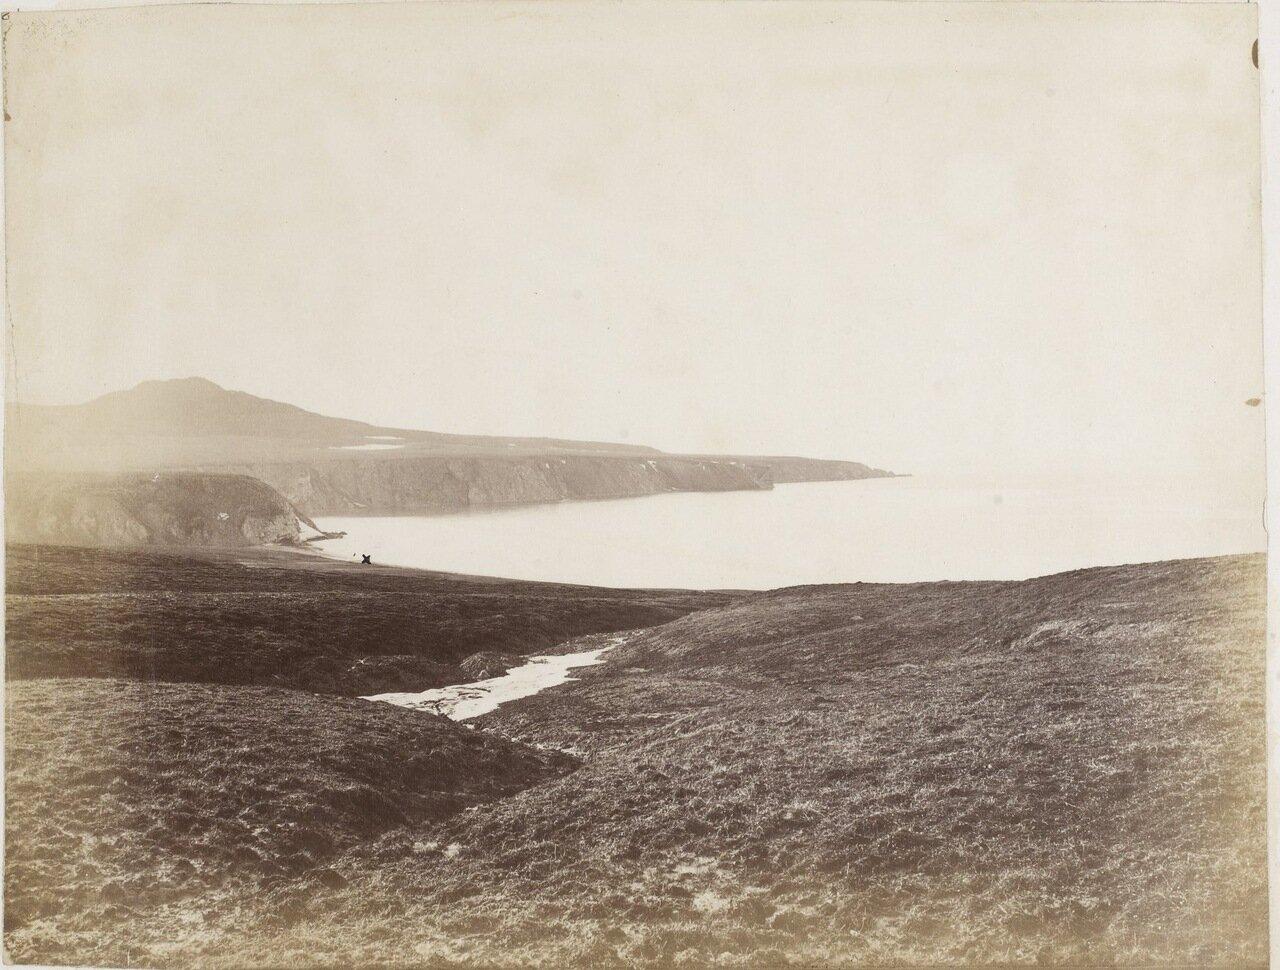 Вид места  вместе с установленной меткой, где экипаж «Эйры» высадился на берег